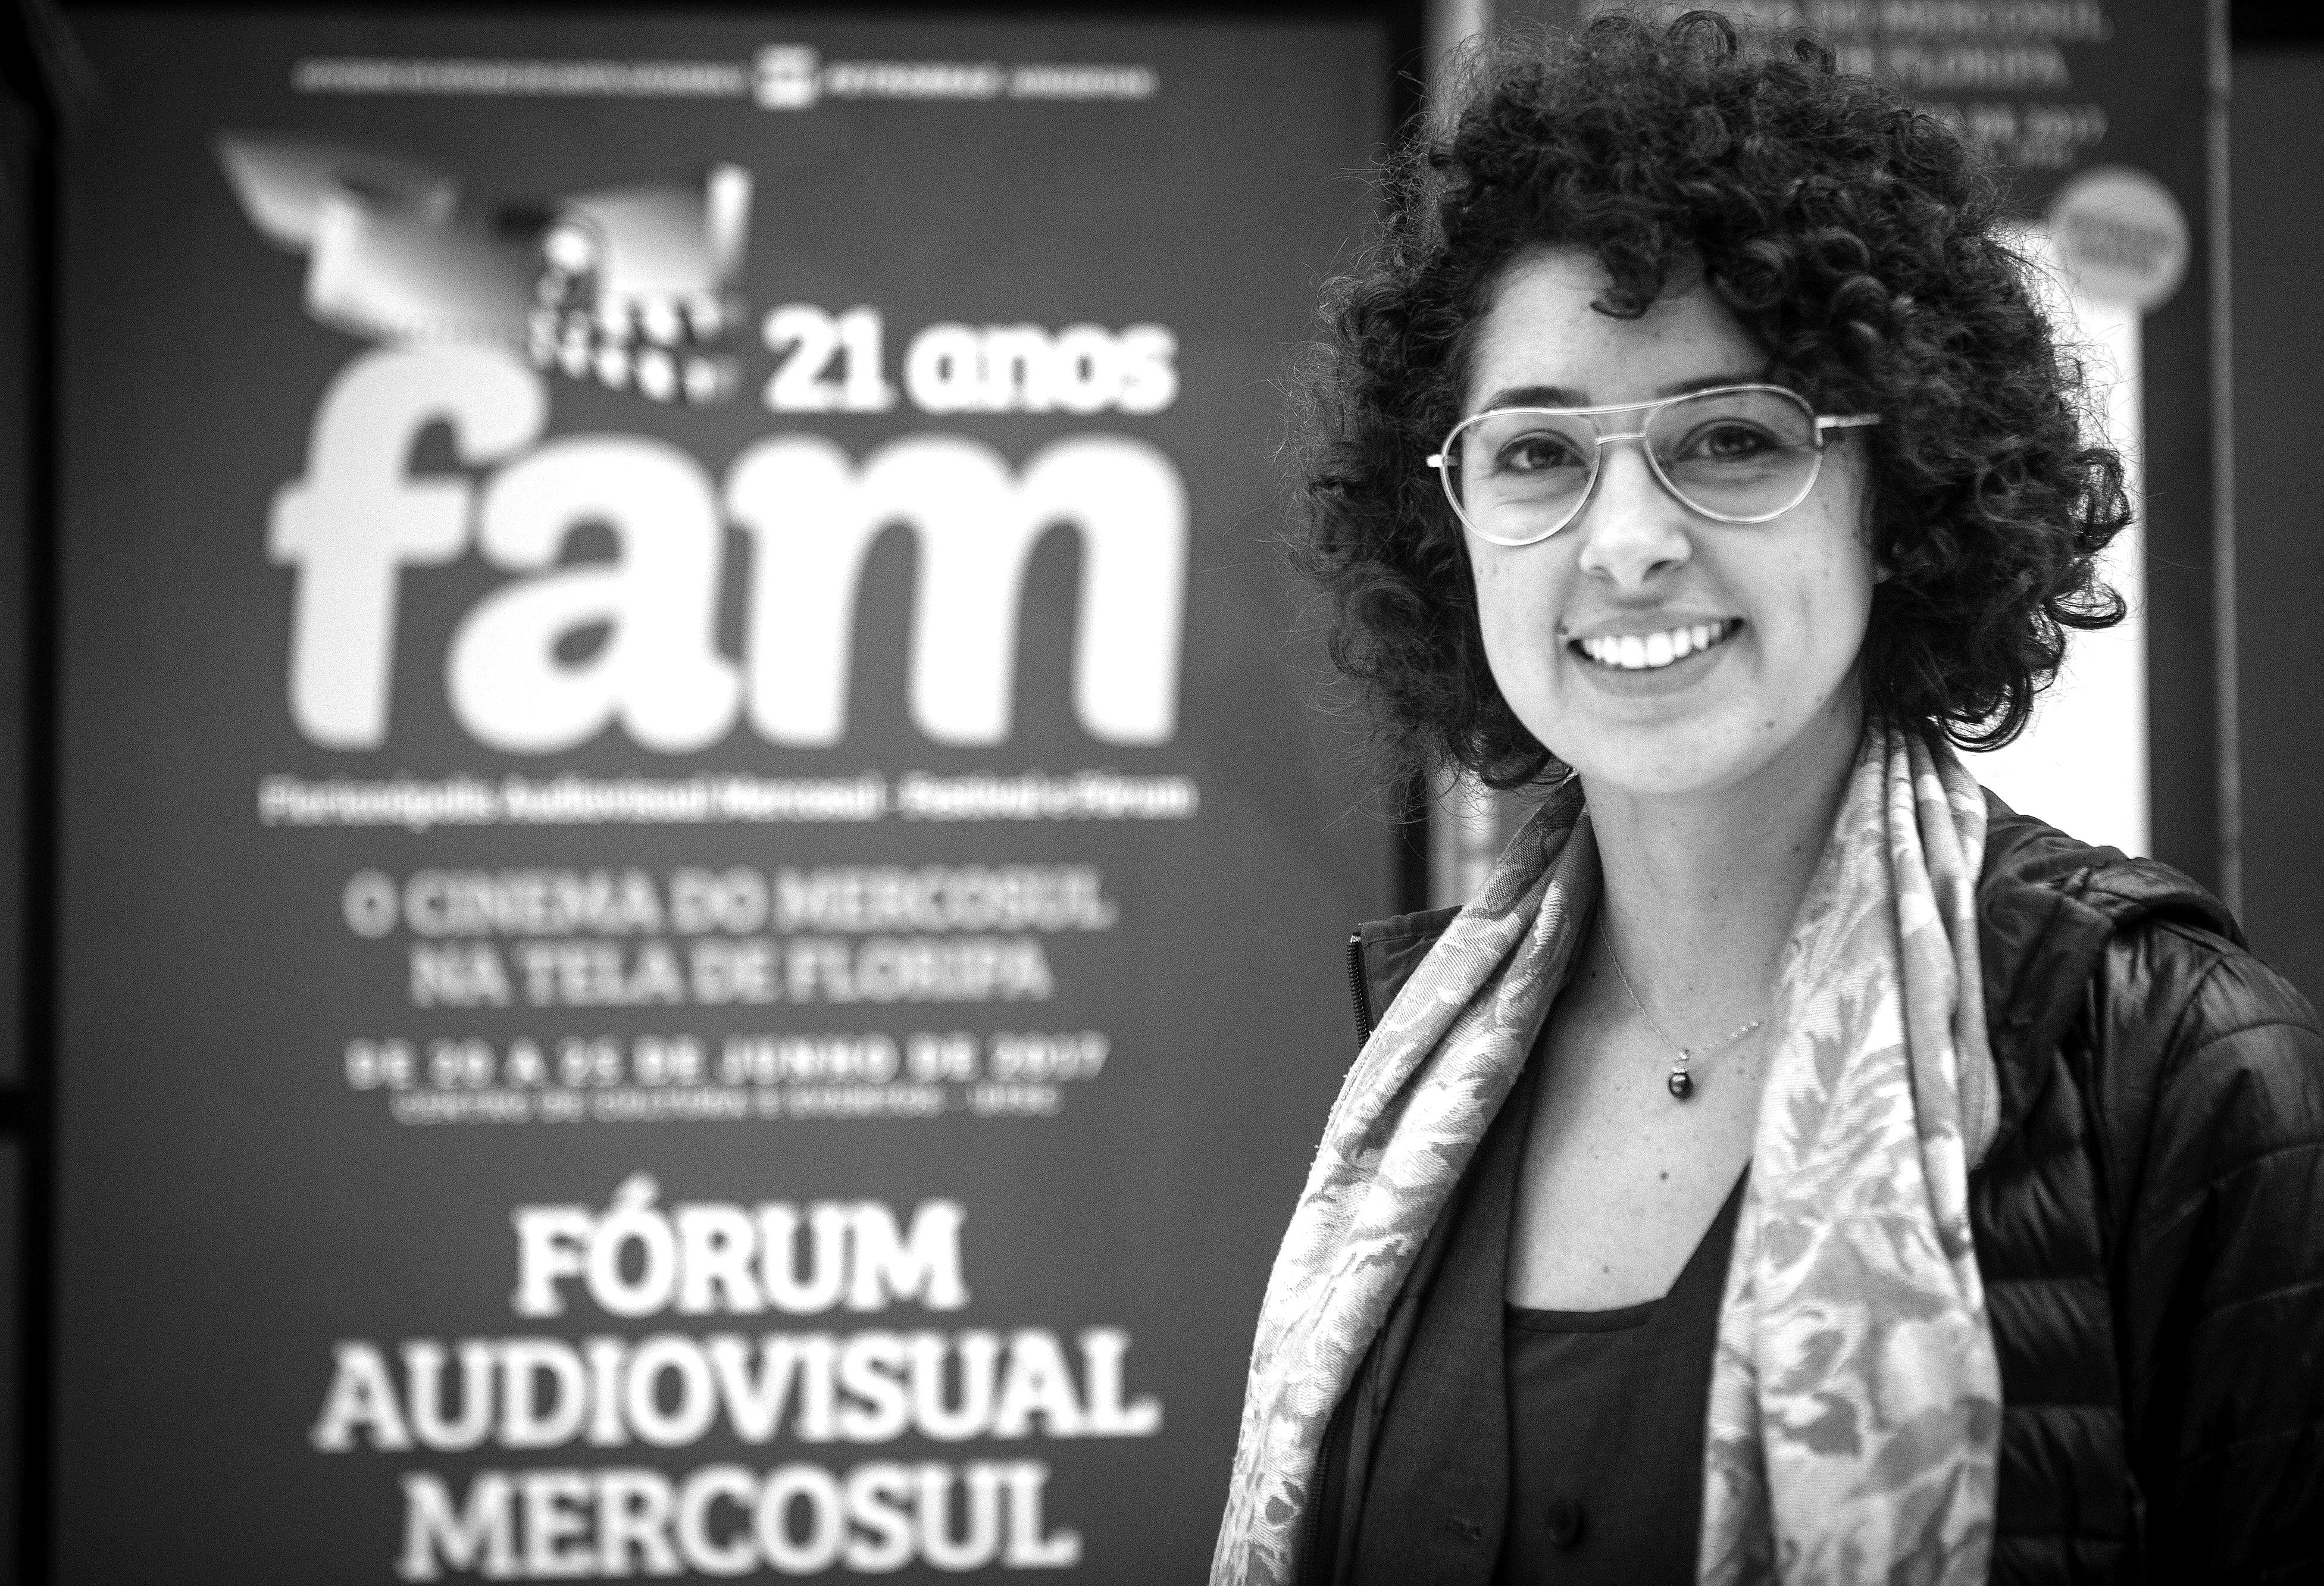 Marilha Naccari, diretora de programação do FAM, ressalta a descentralização do festival - Flávio Tin/ND